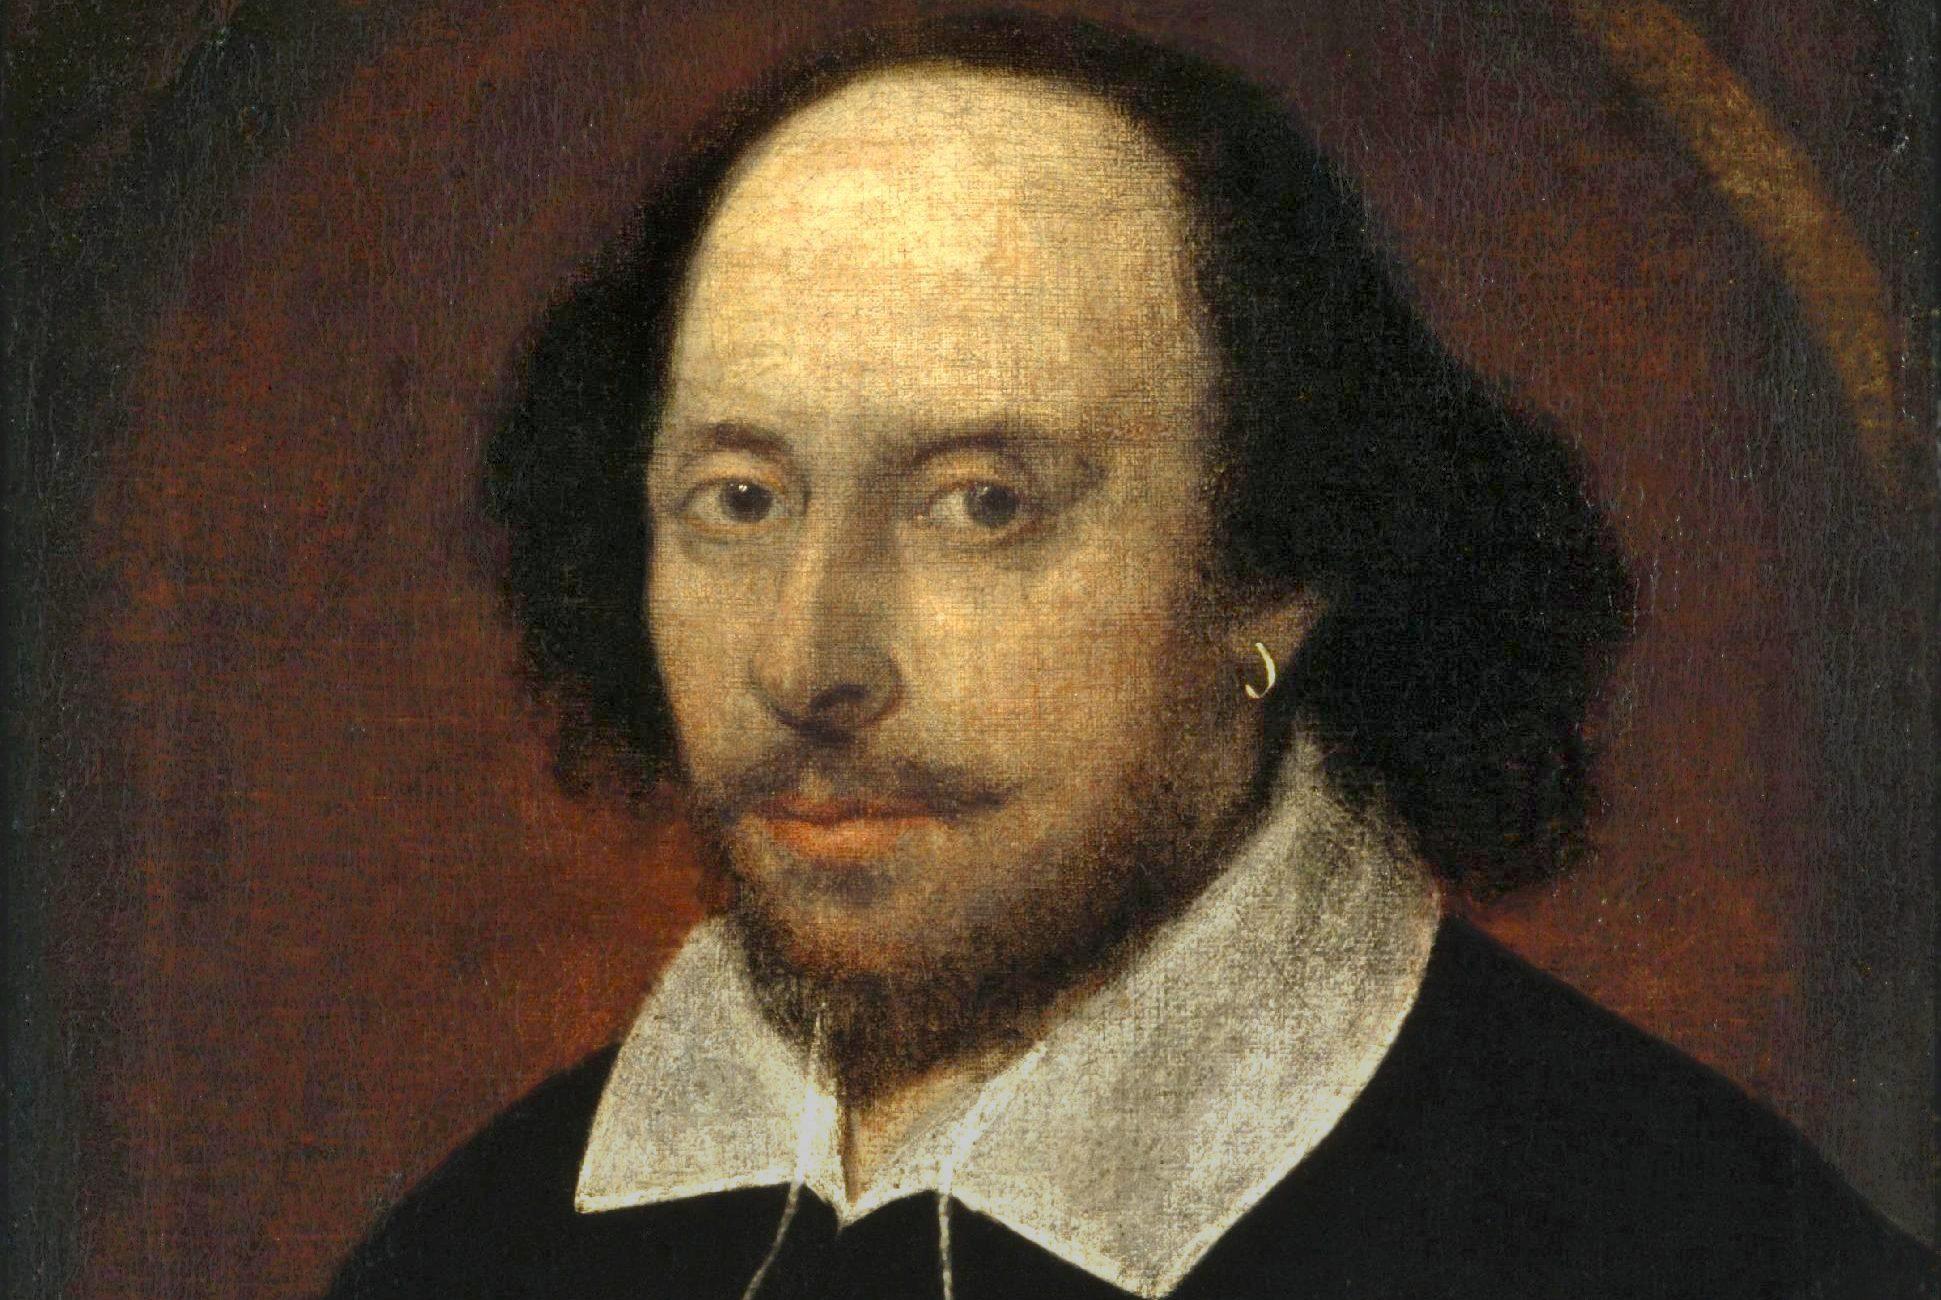 Shakespeare: Az angol bárd, aki lesújtott az emberi lélekre